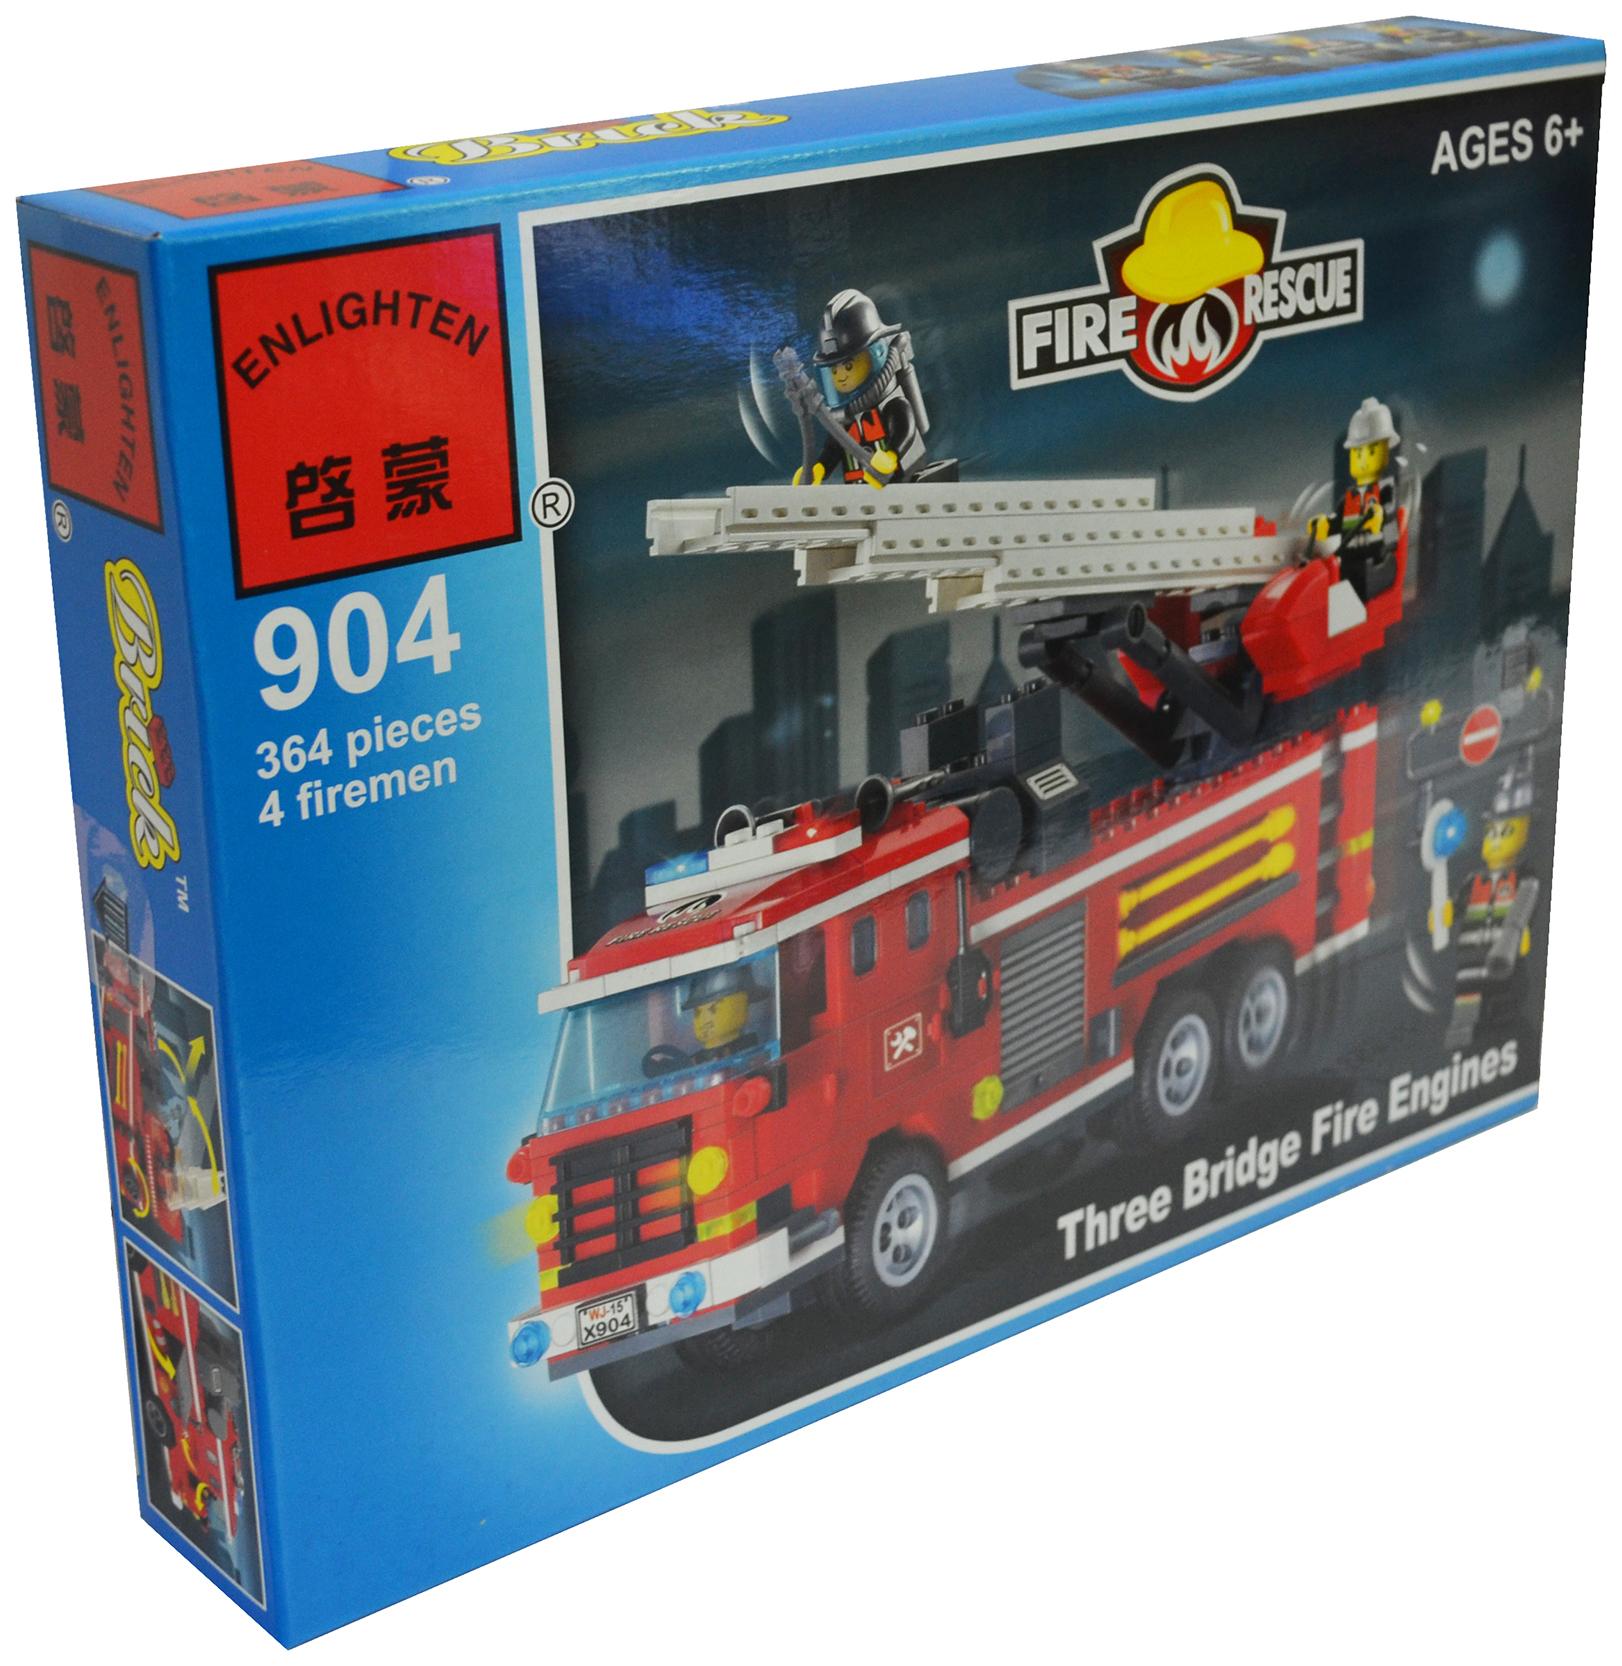 Купить Конструктор Brick Пожарная команда, 364 детали BRICK904, Конструкторы пластмассовые